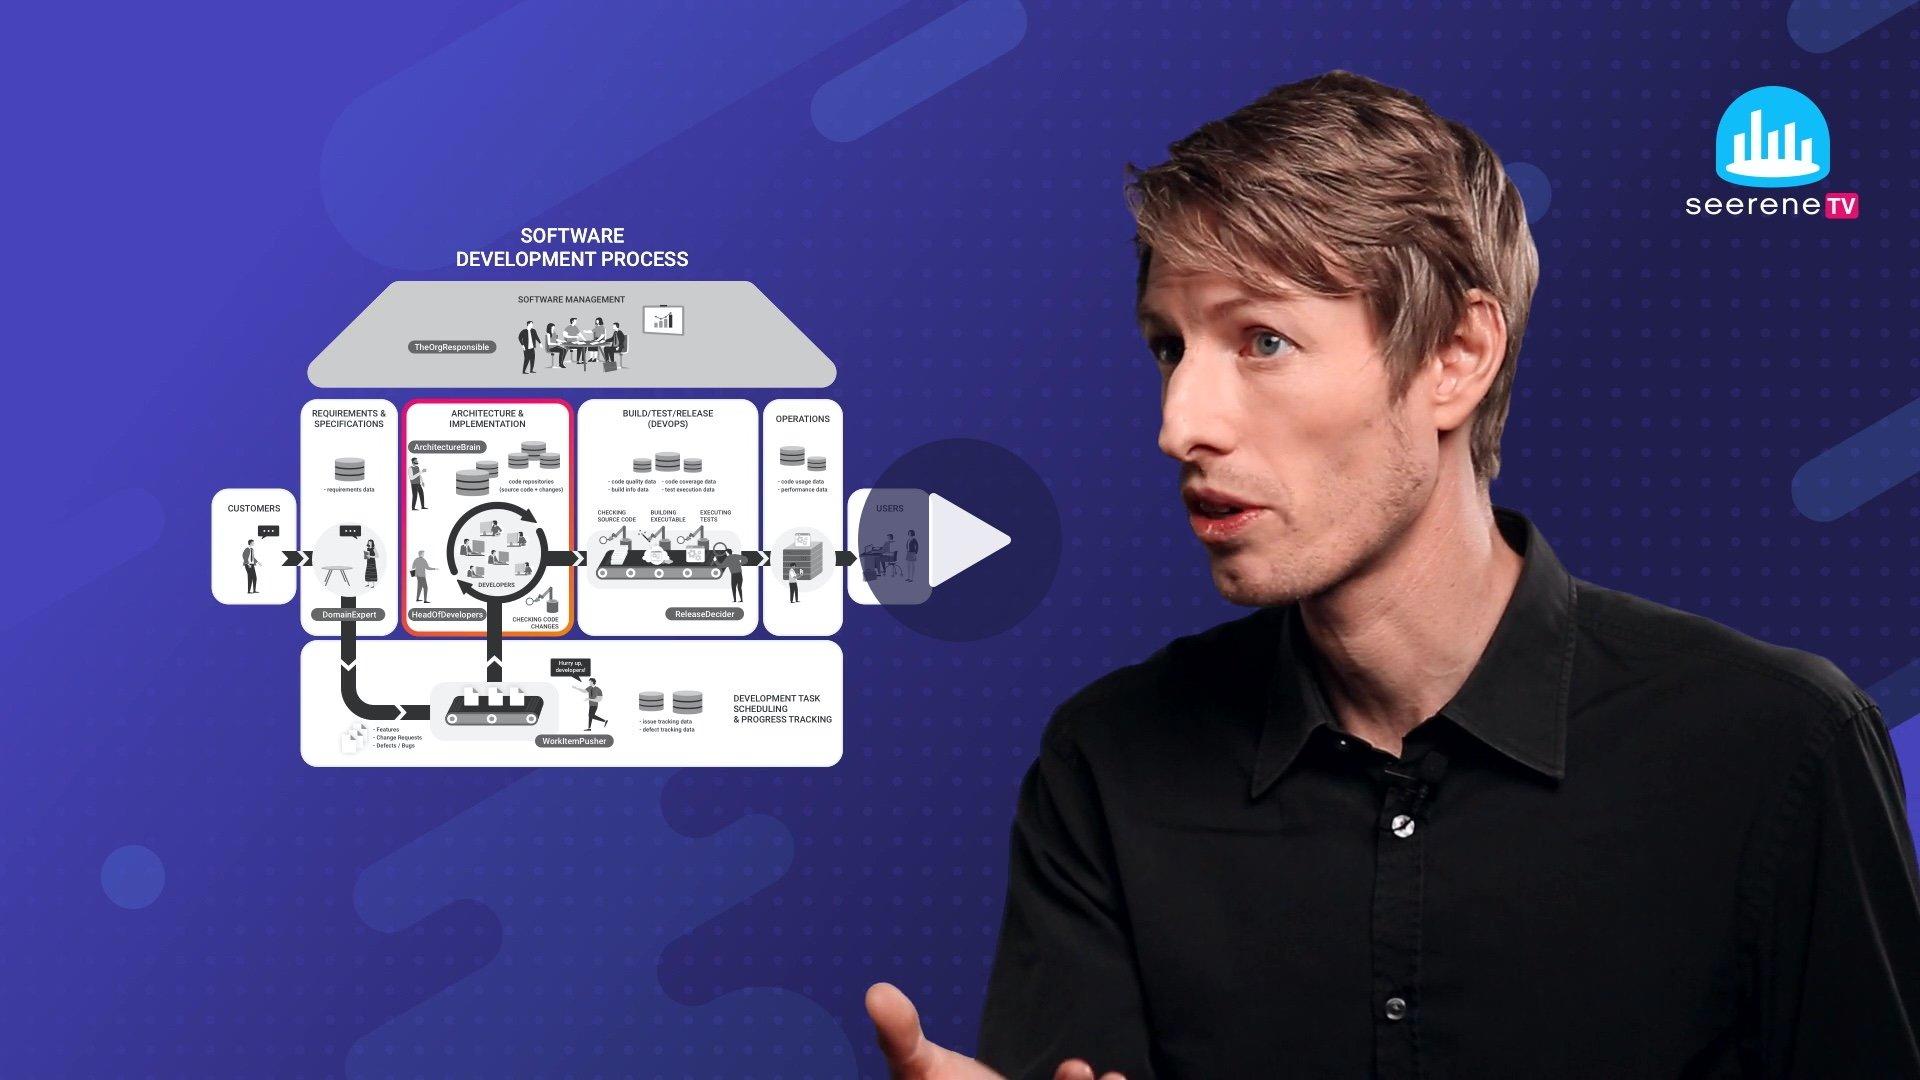 Seerene_video_Cost-factors_in_software_development-thumb